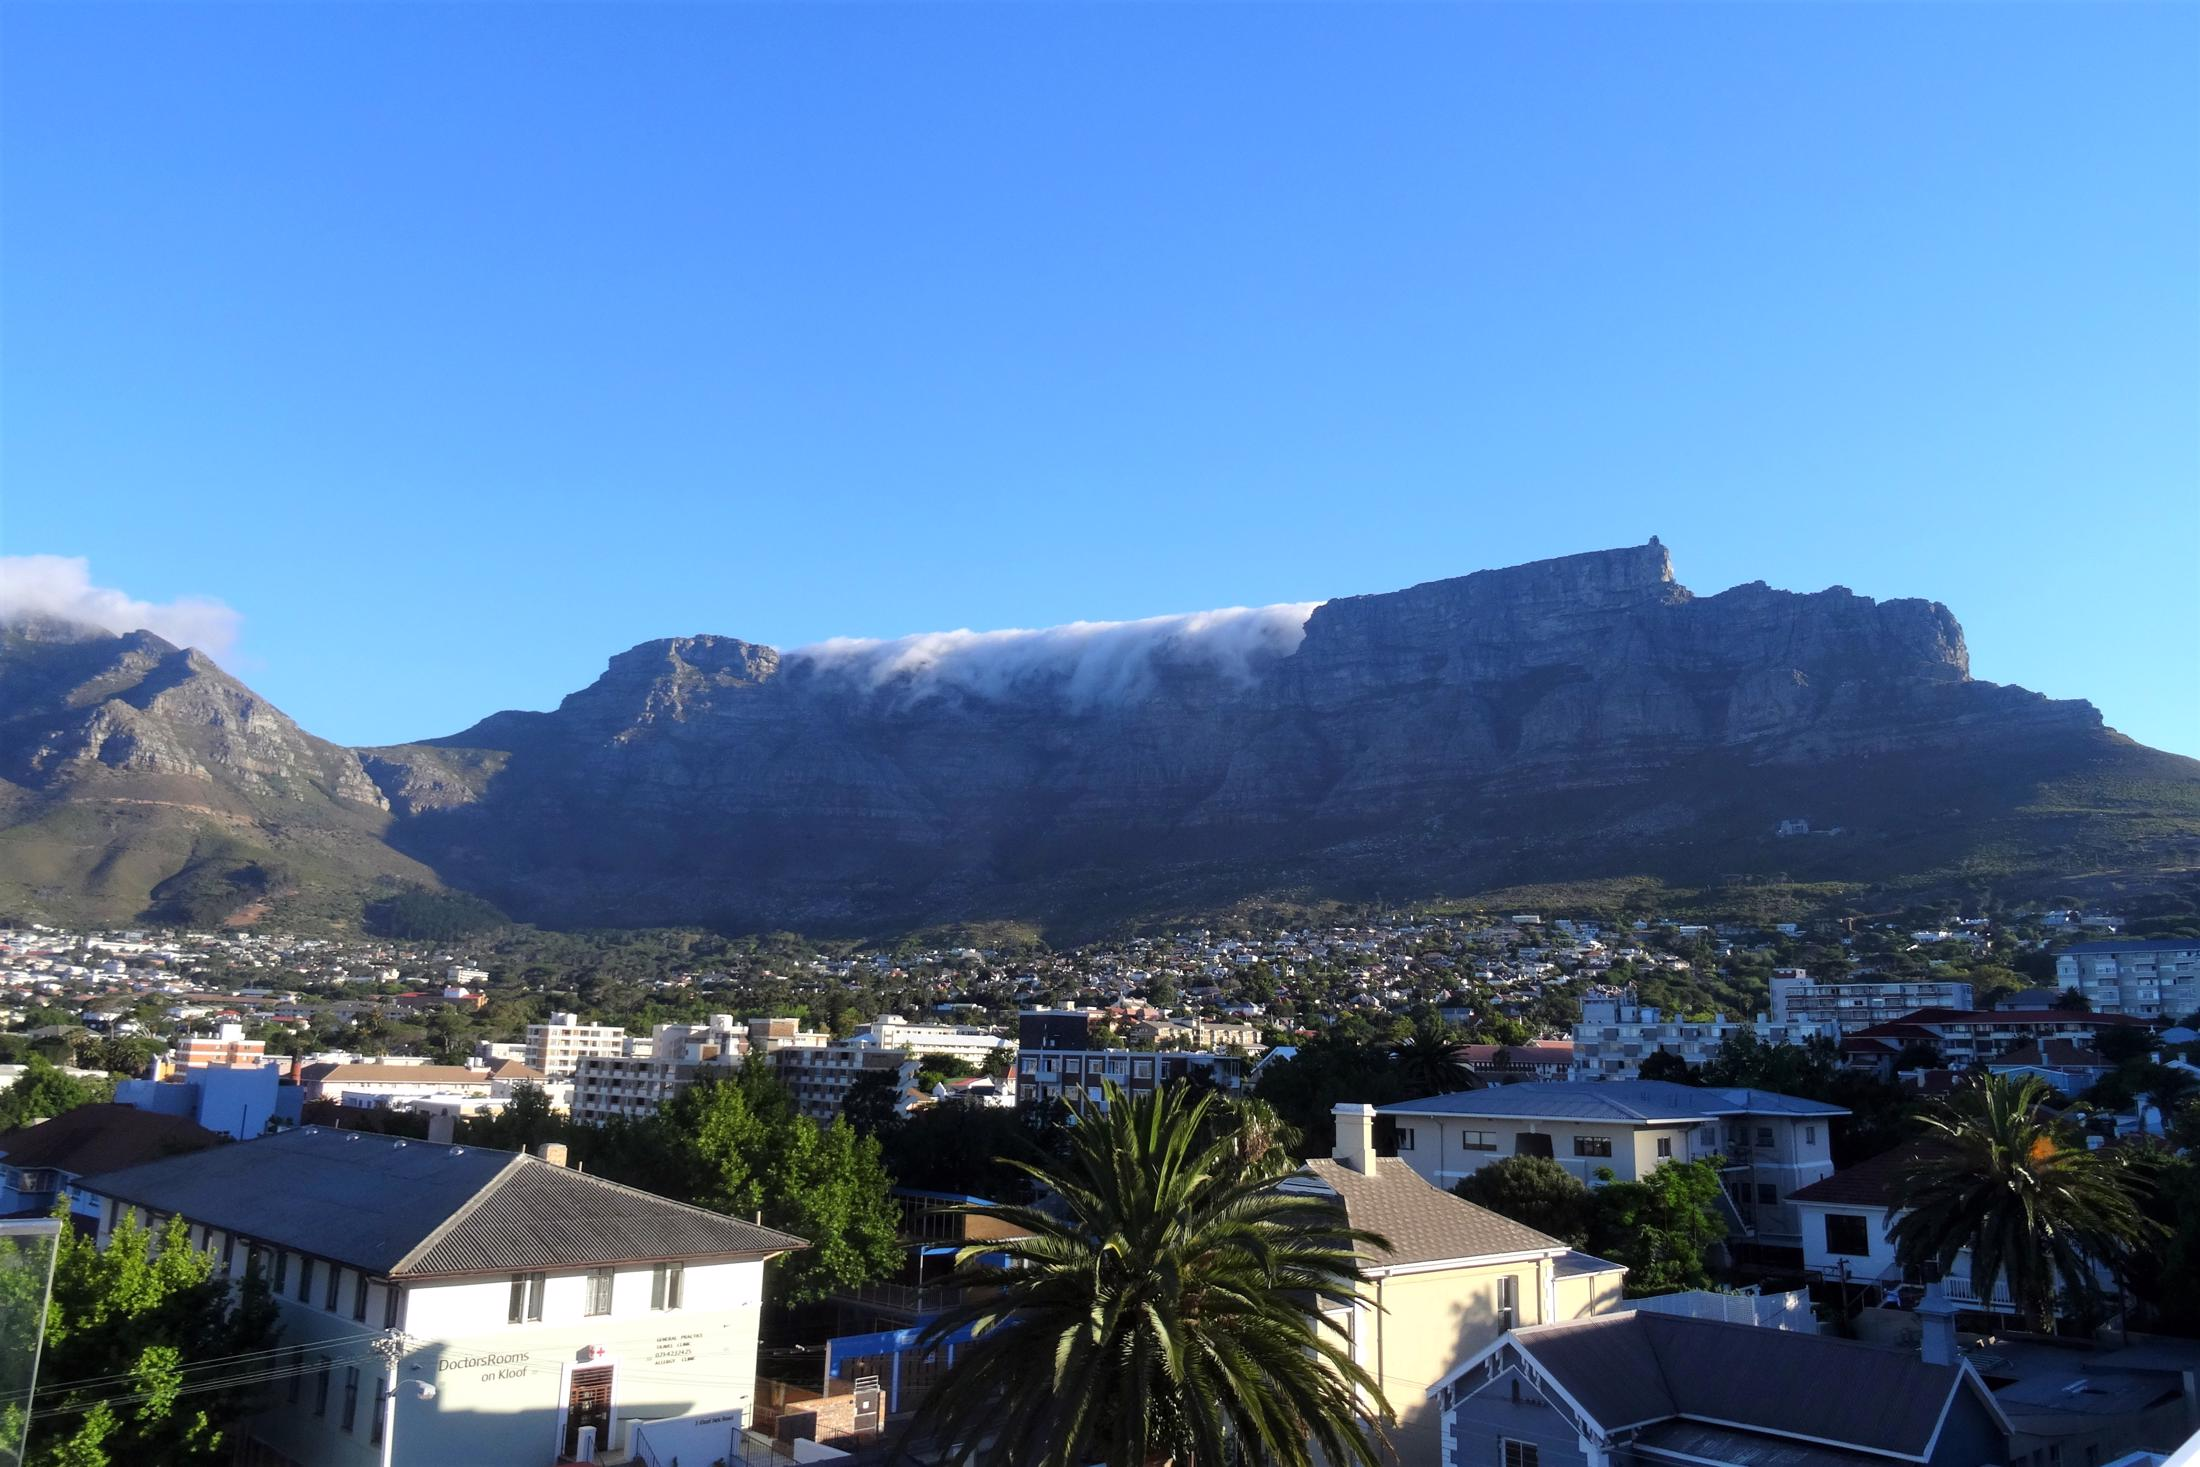 Huwelijksreizen Botswana - Combinatie met Kaapstad - Tafelberg met deels tafelkleed